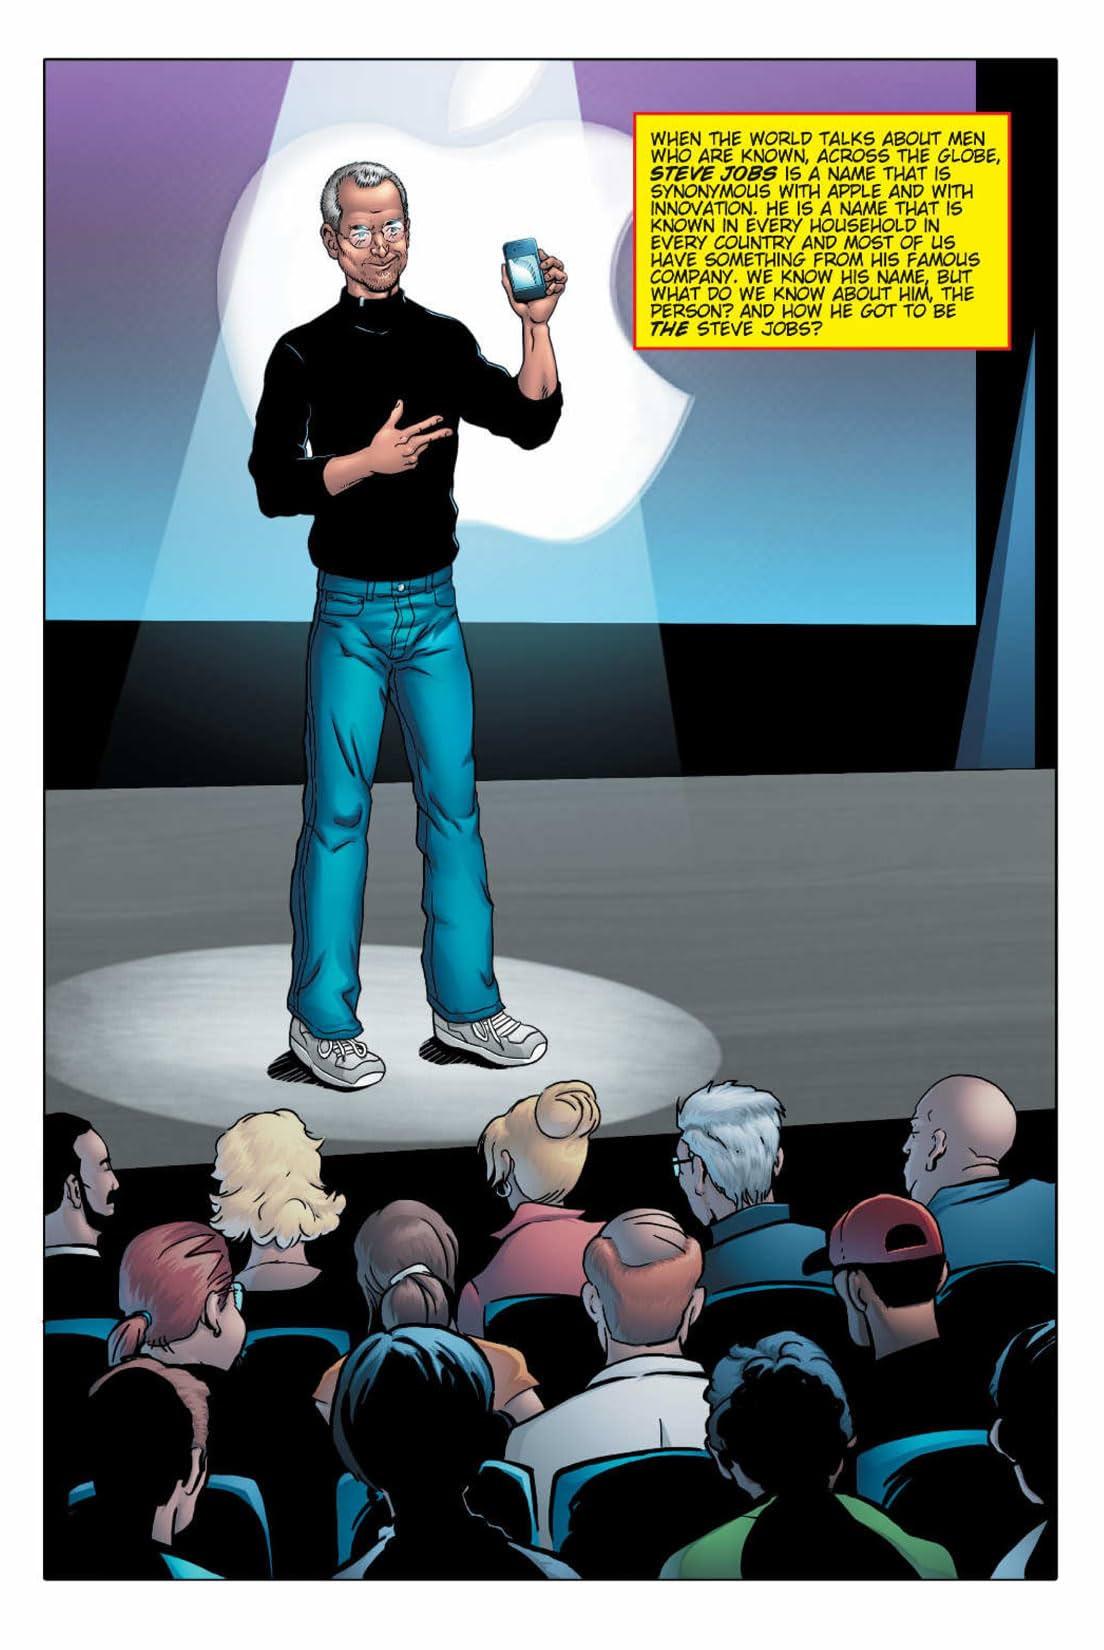 Steve Jobs: Co-Founder of Apple